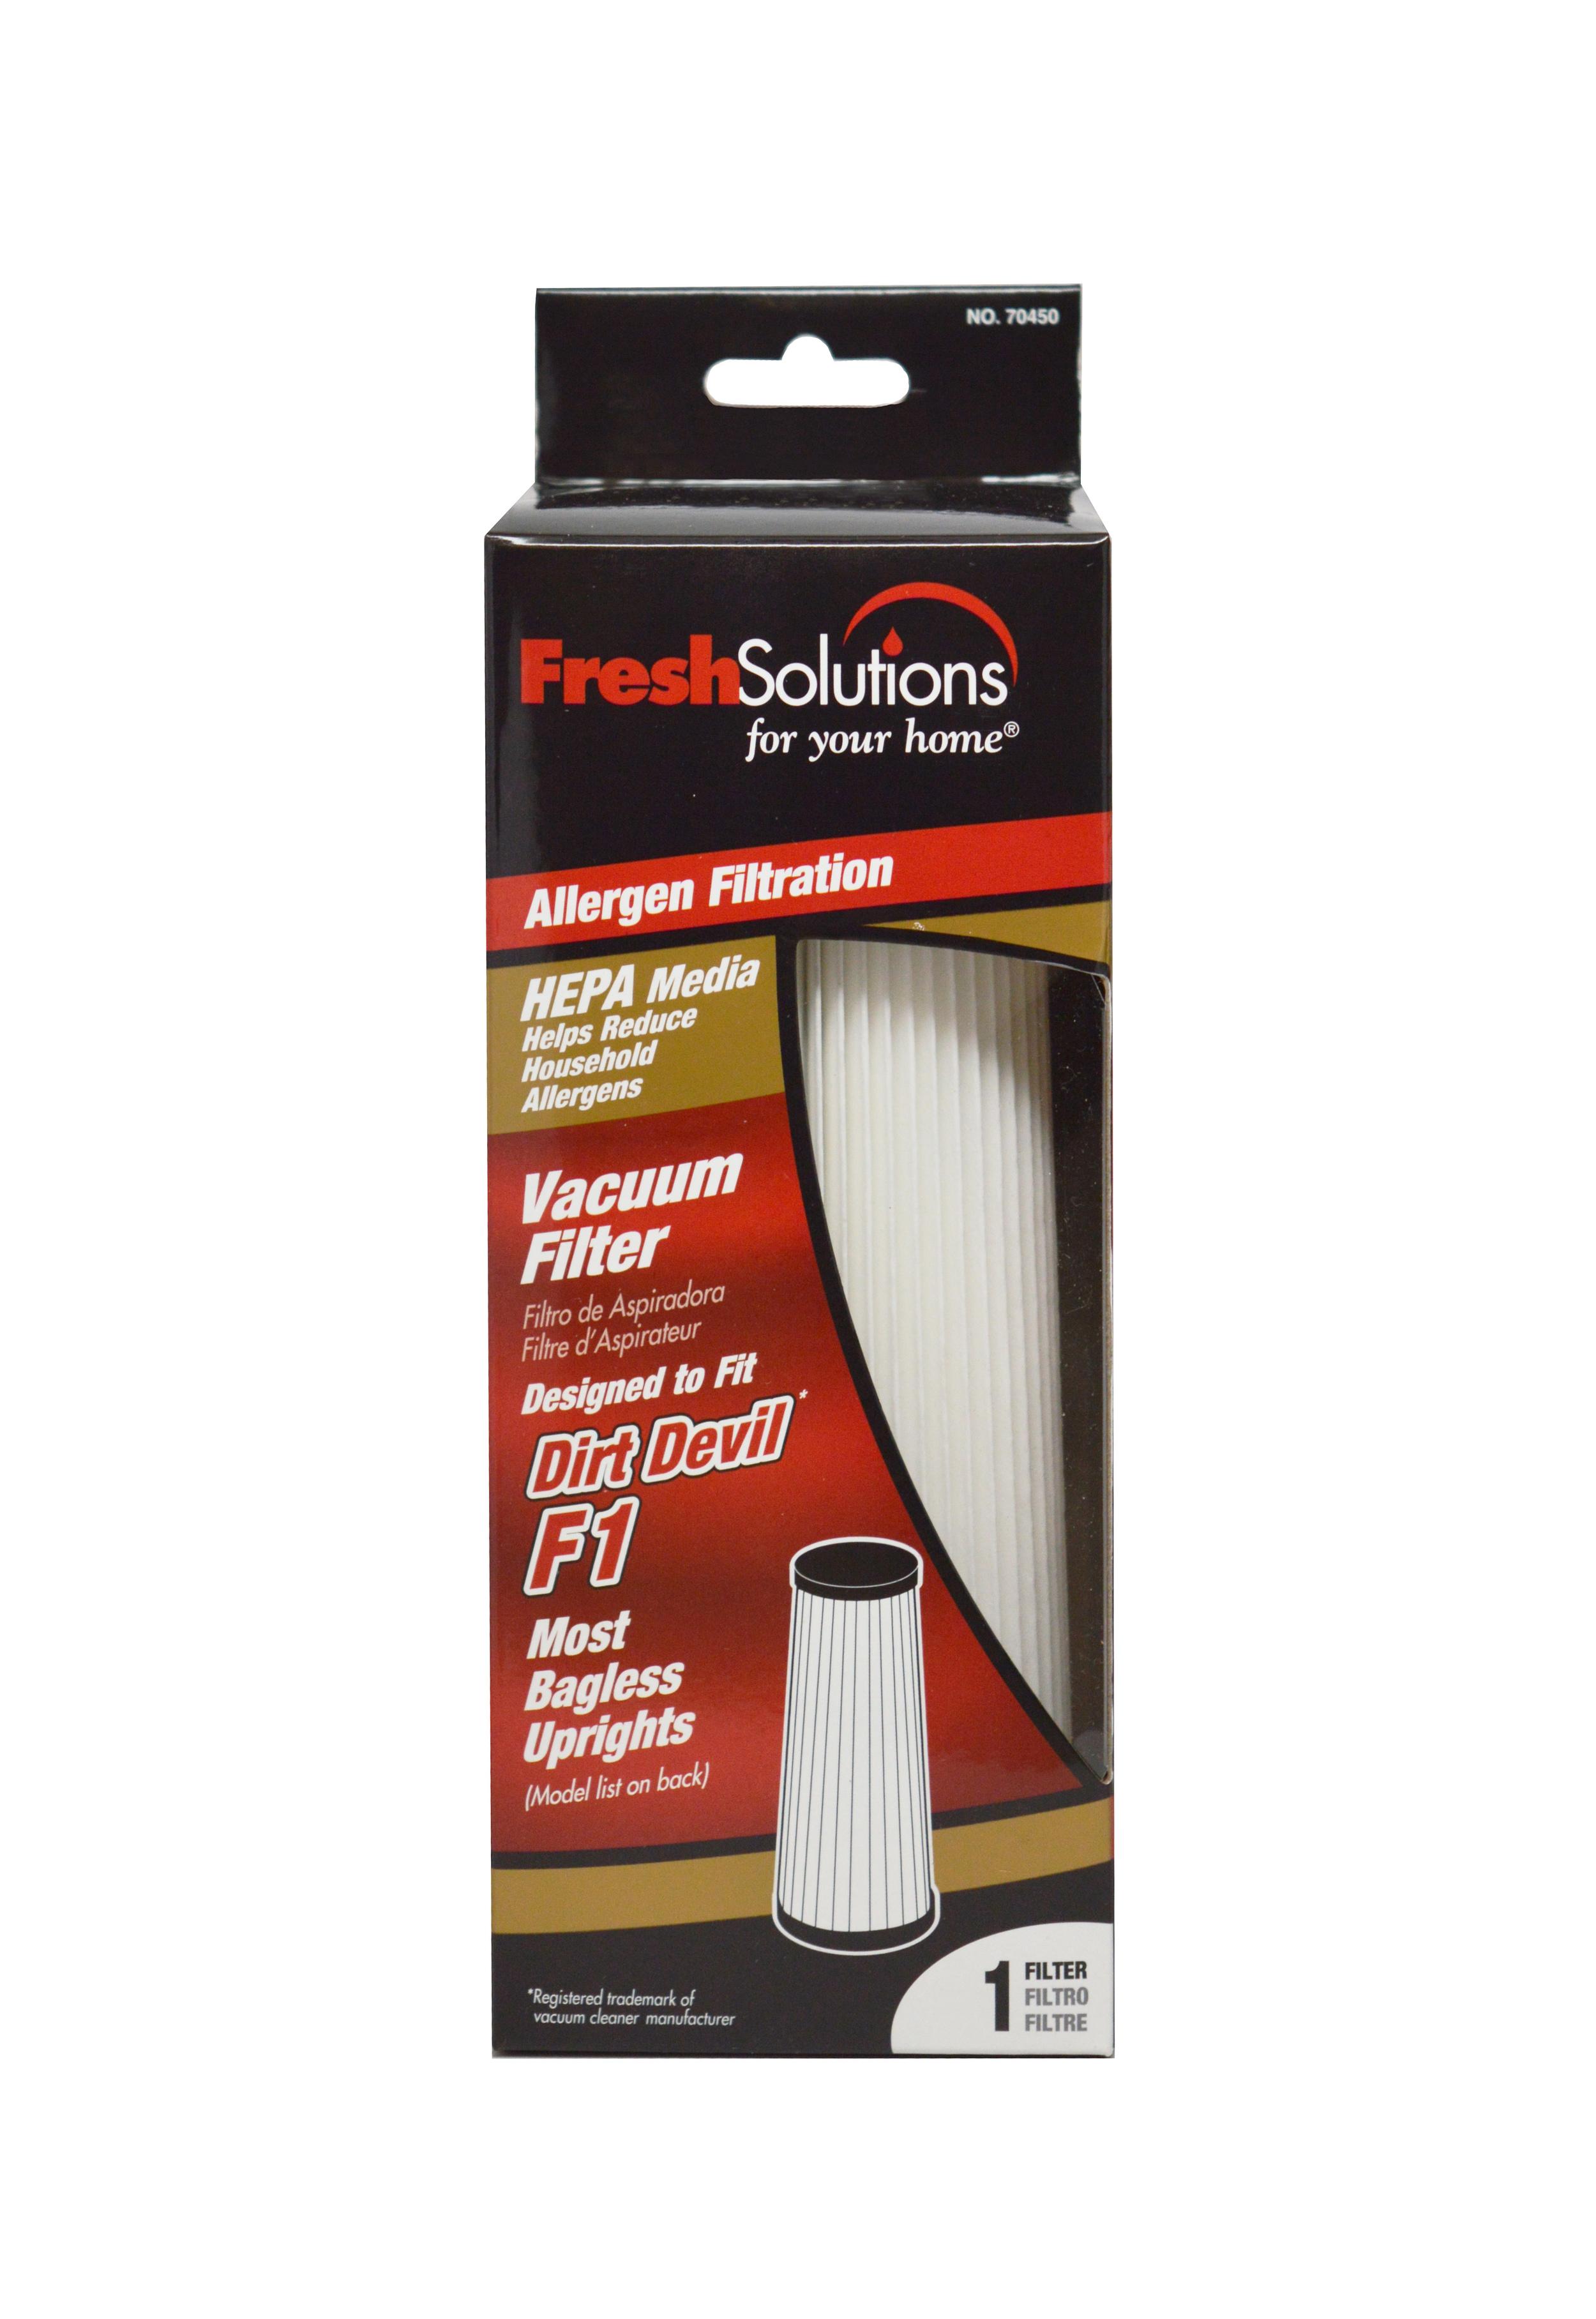 Allergen Filtration Vacuum Filter for Dirt Devil® F1*